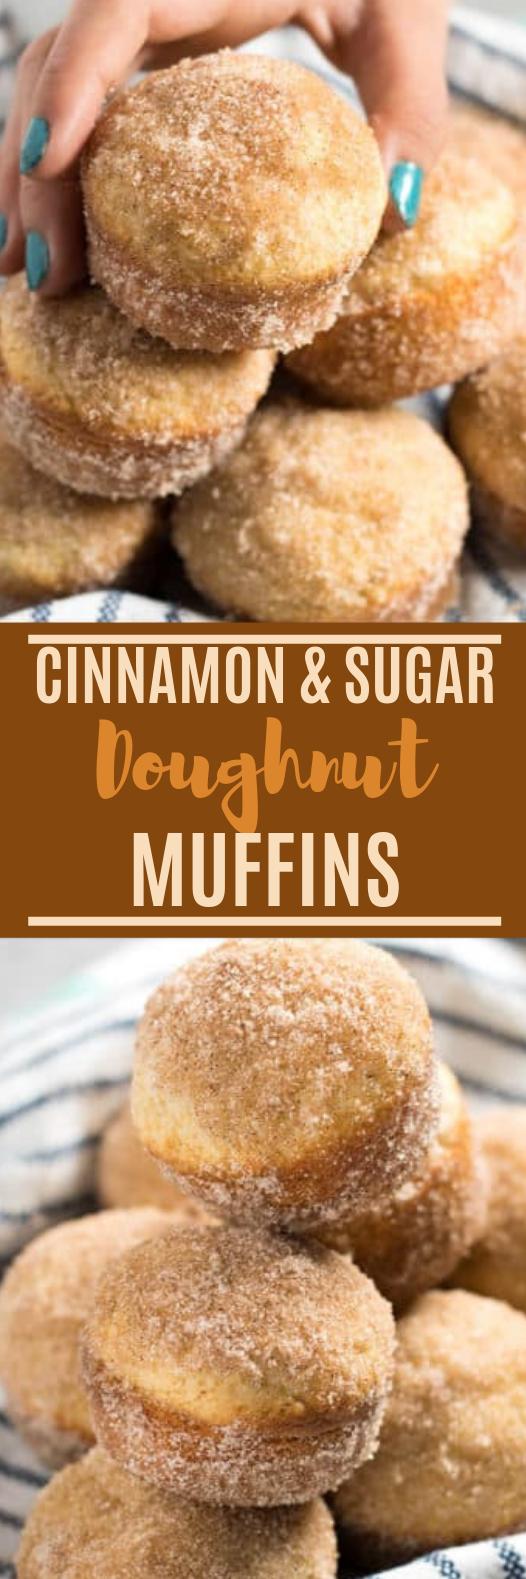 Cinnamon Sugar Donut Muffins #baking #dessert